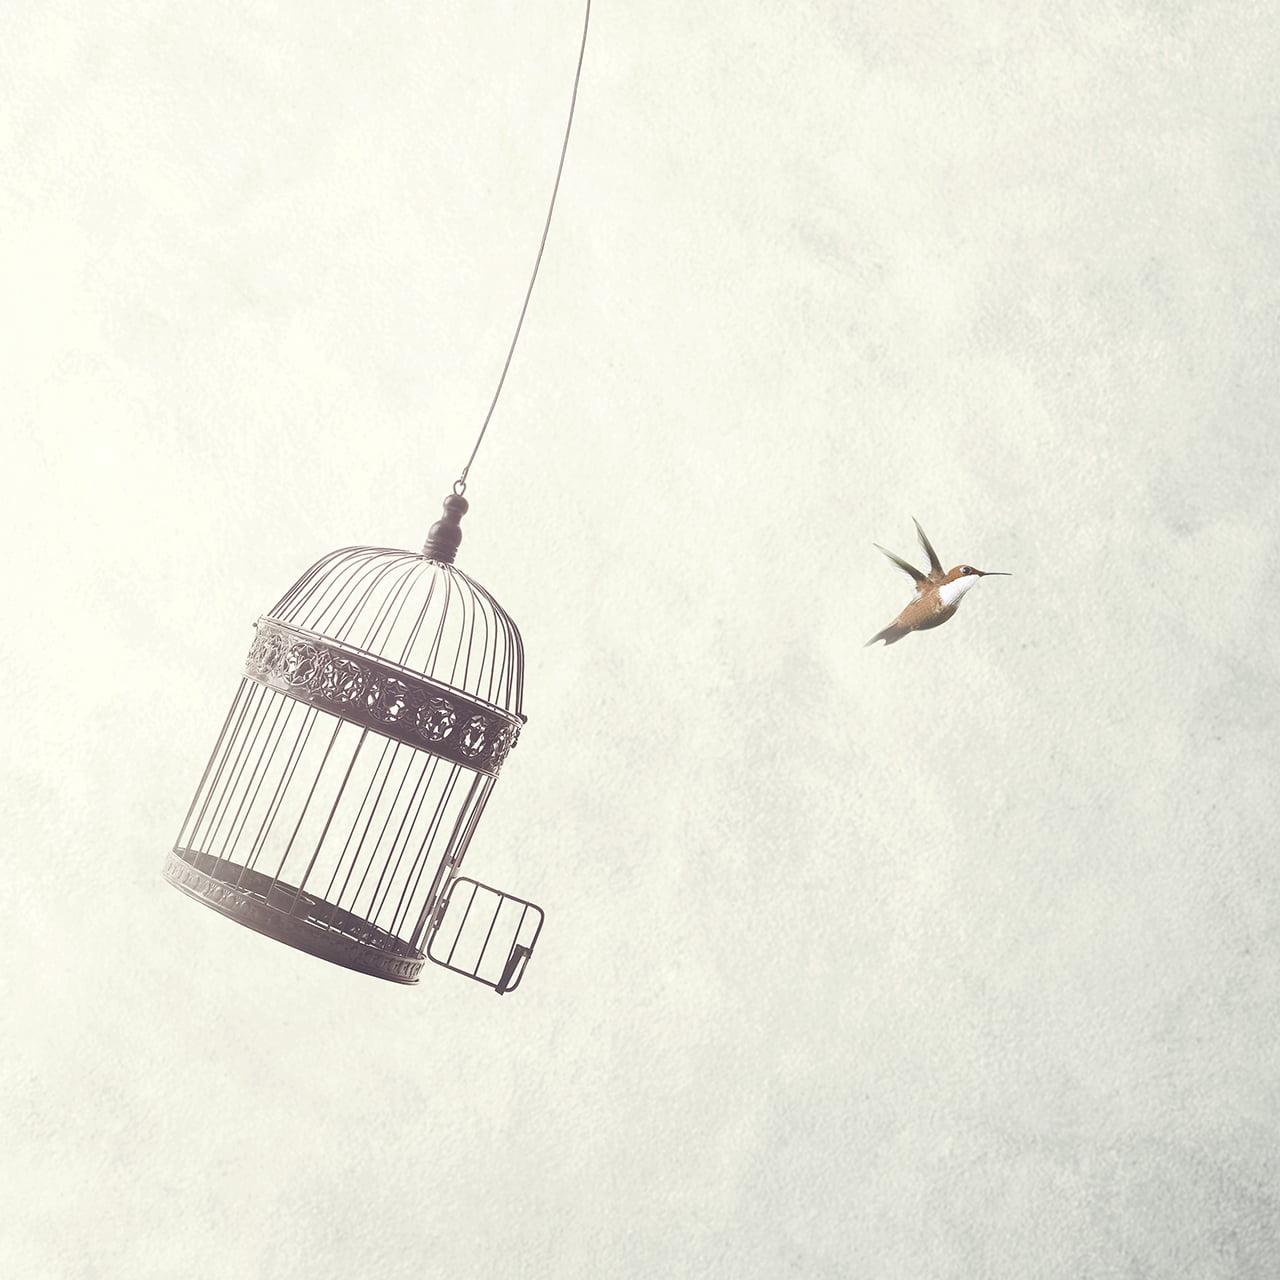 ציפור וכלוב